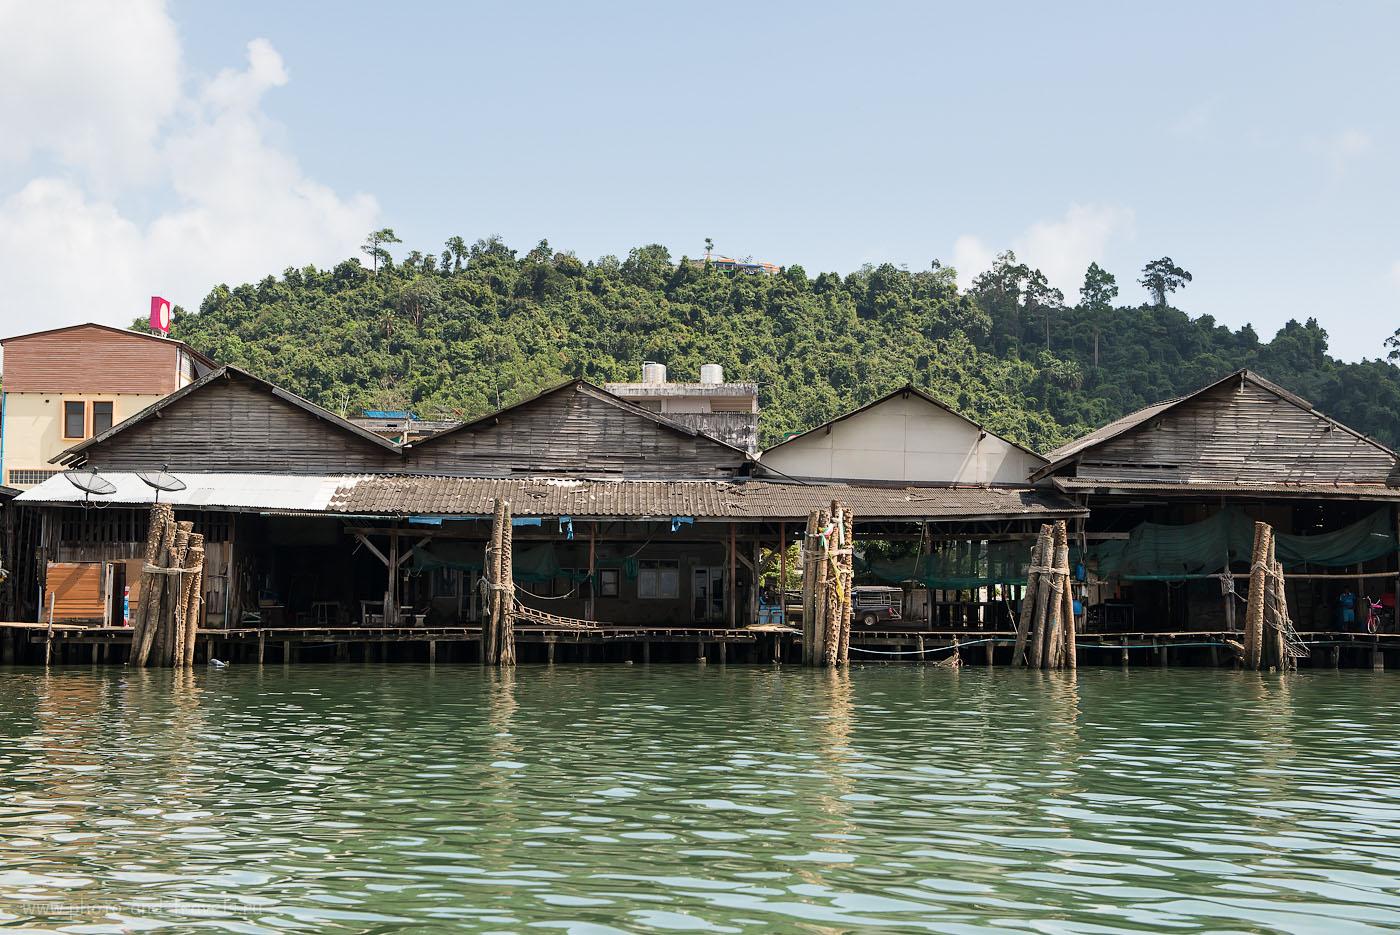 Фото 18. Причал в рыбацкой деревне в Таиланде. Отзывы туристов об отдыхе самостоятельно (320, 50, 8.0, 1/250)